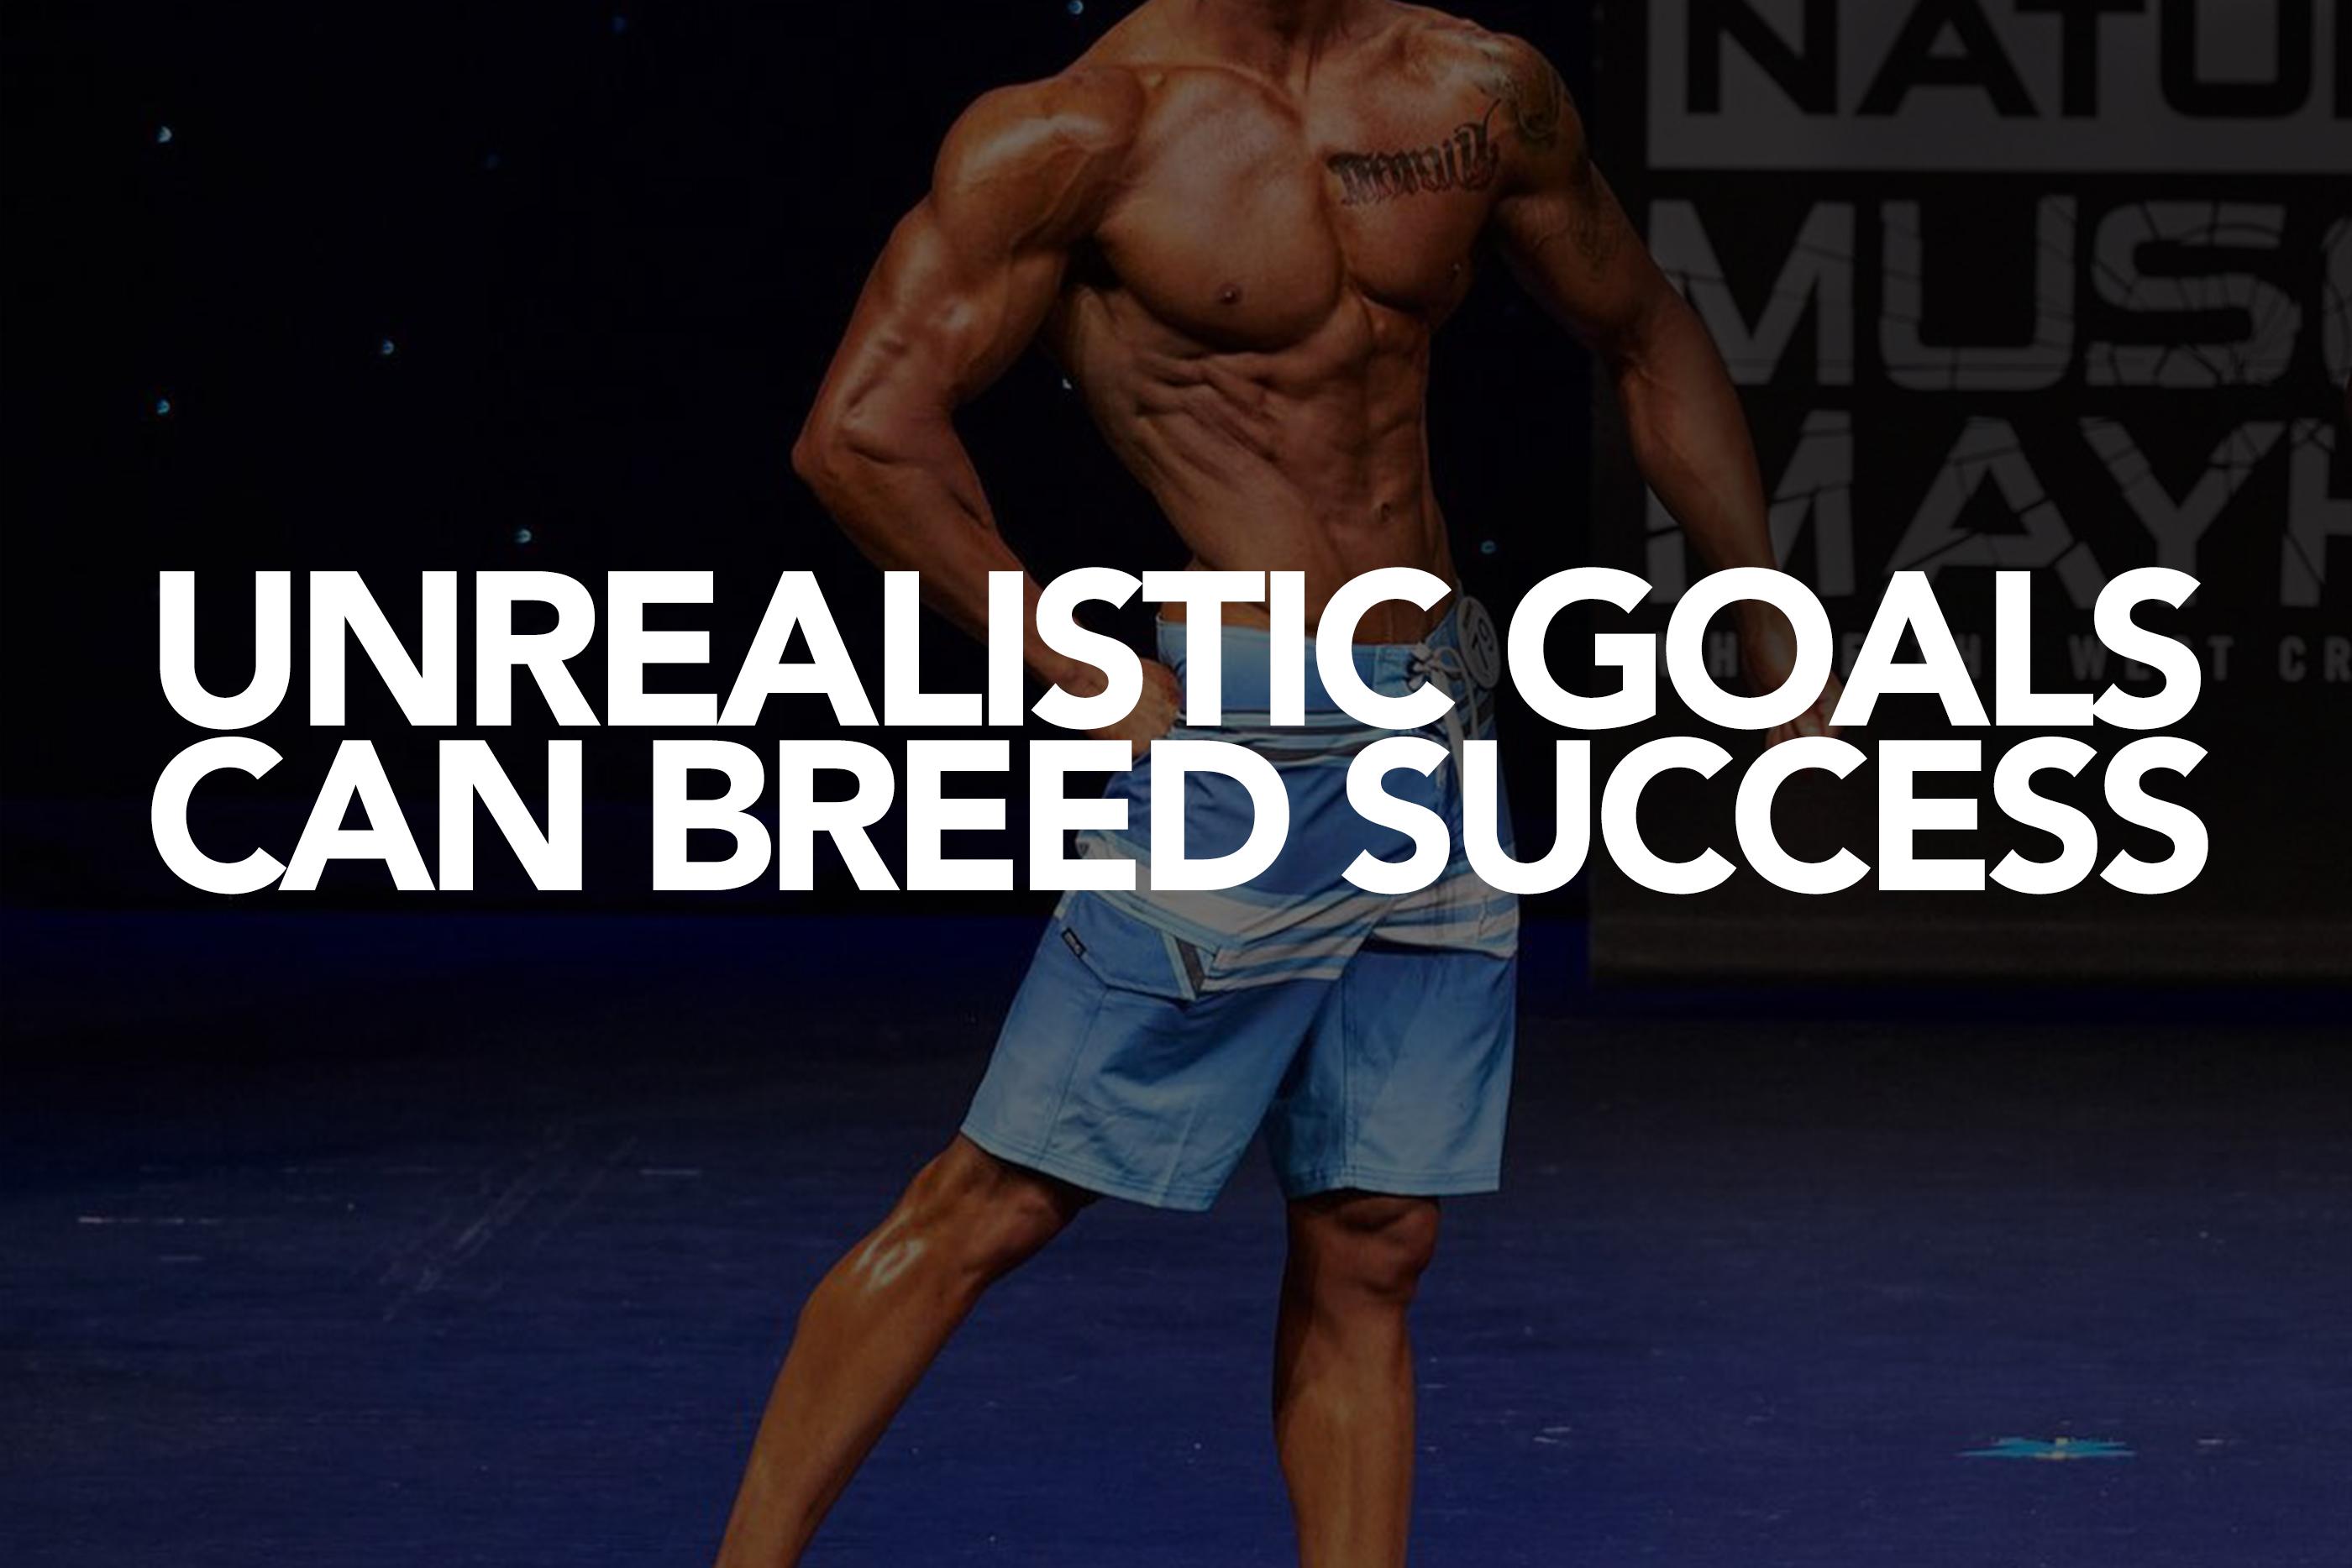 UNREALISTIC GOALS CAN BREED SUCCESS